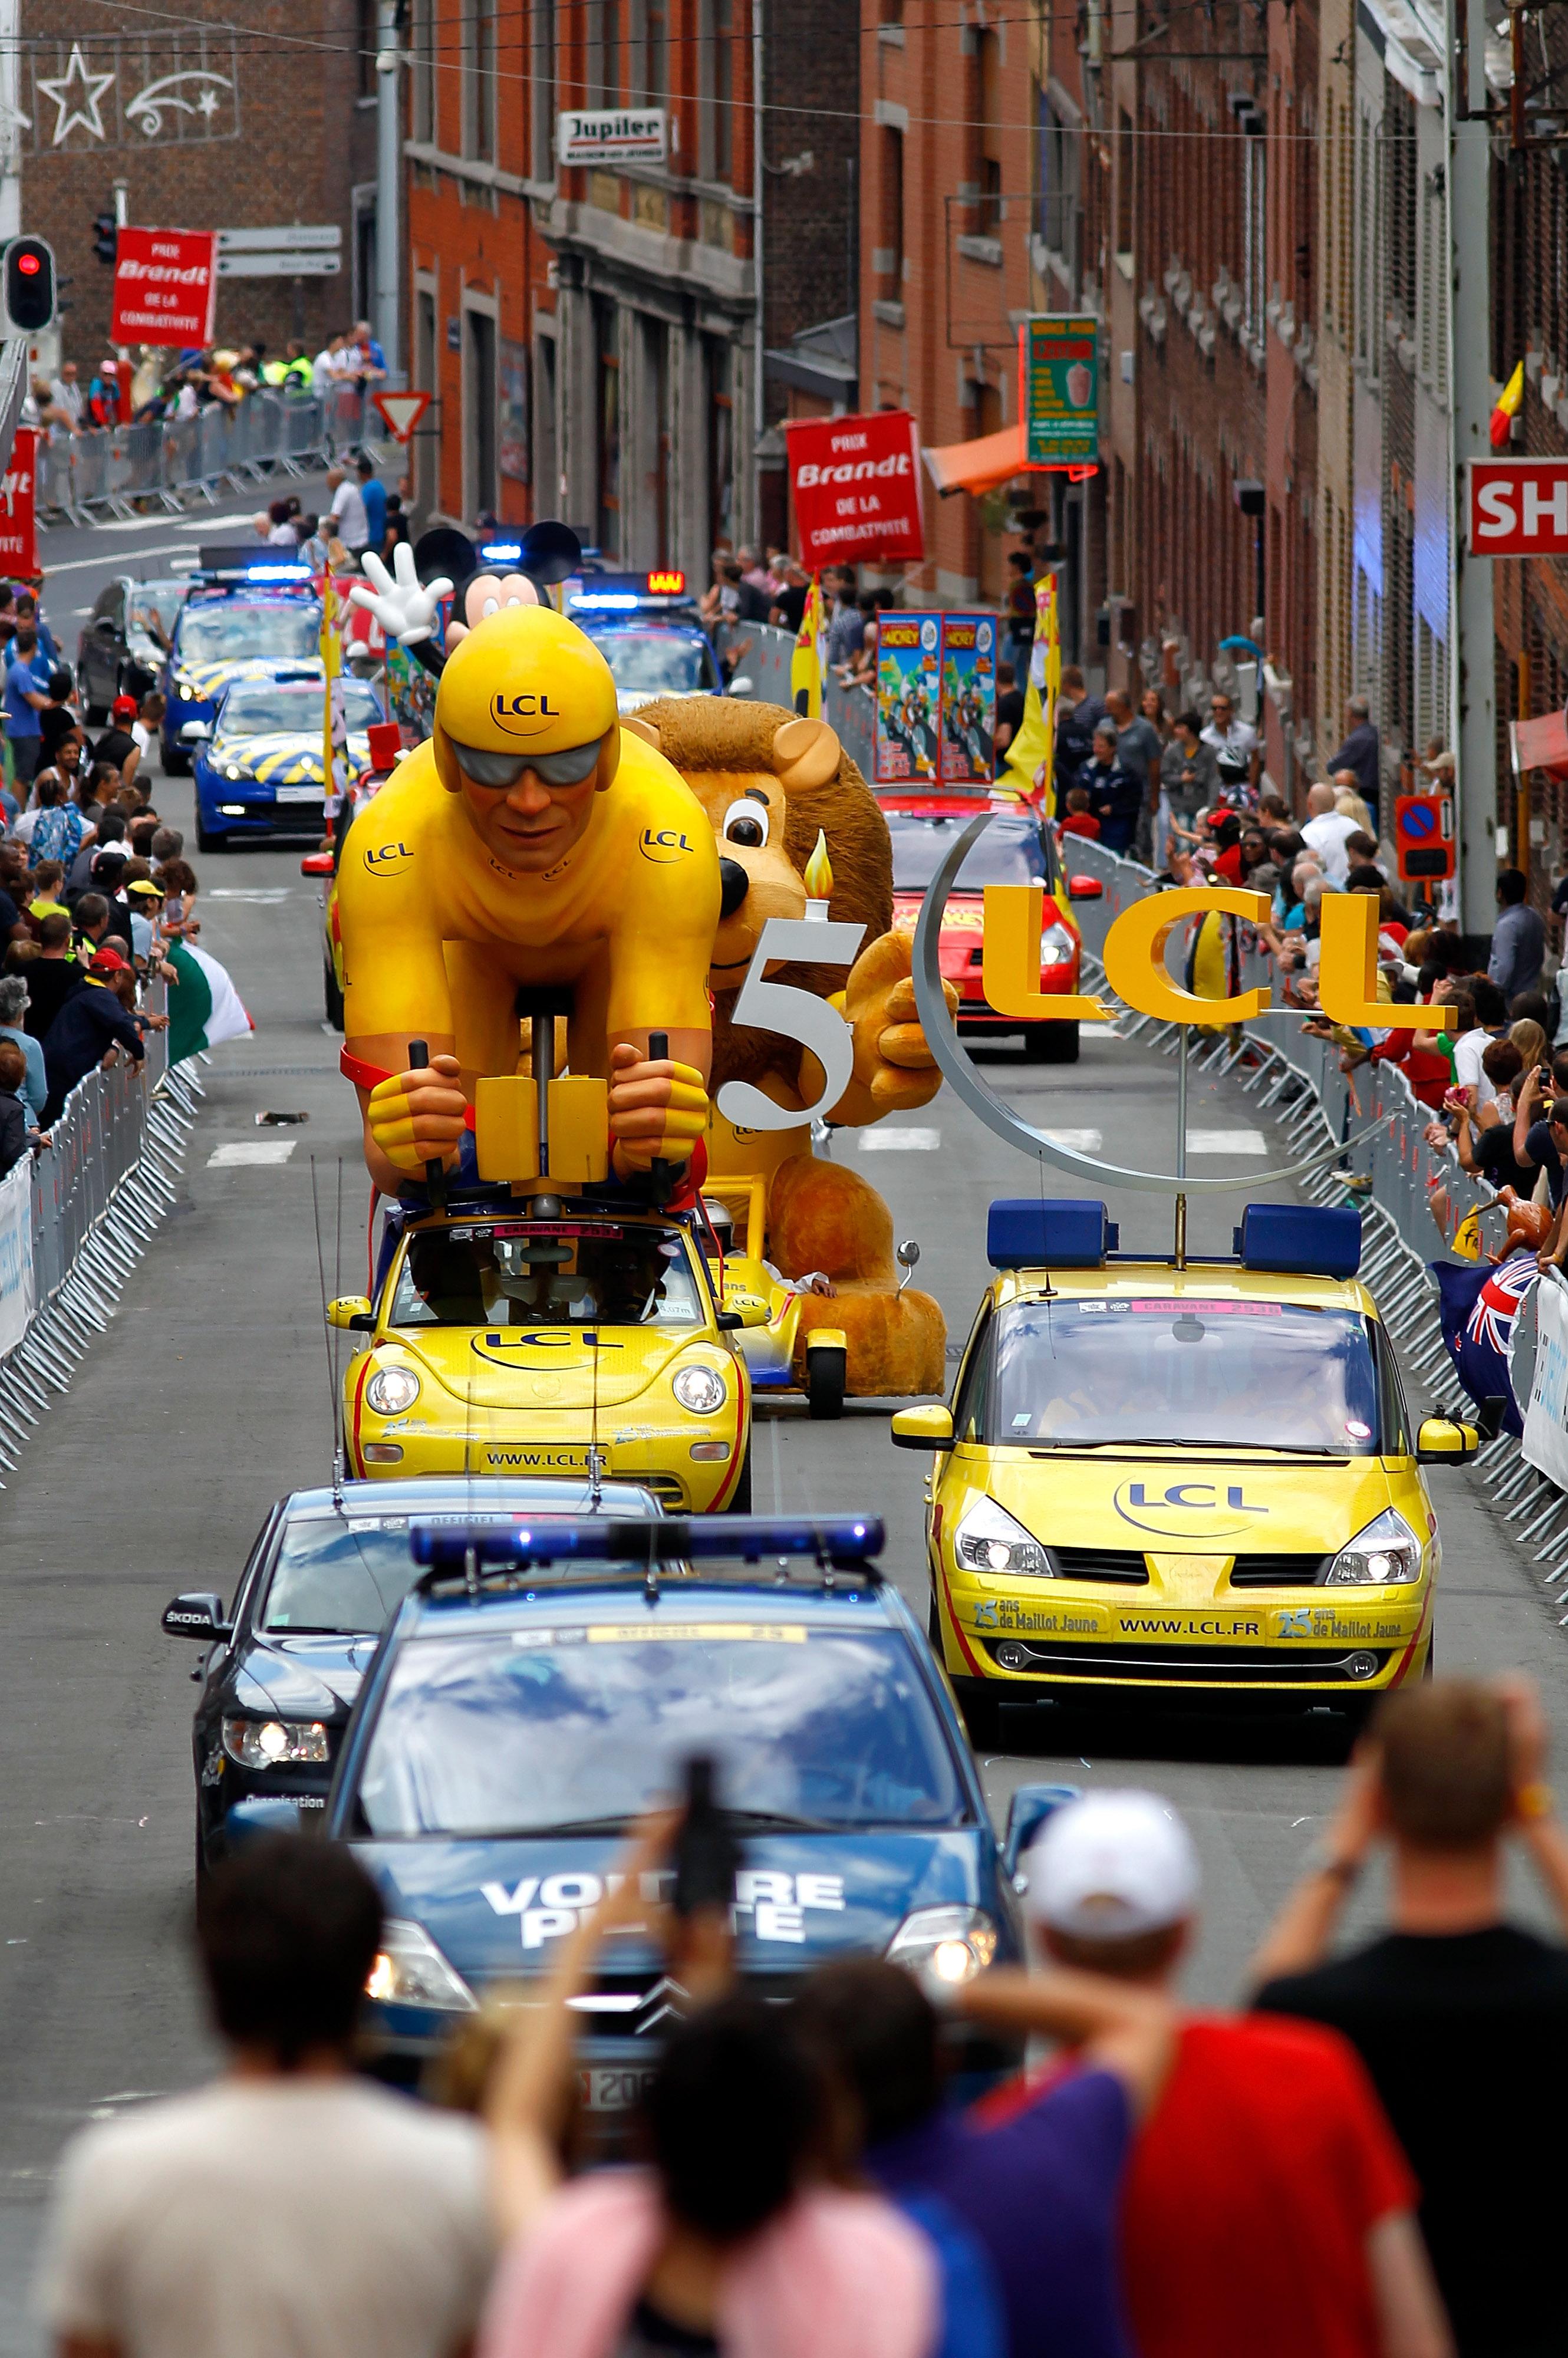 Le Tour de France 2012 - Stage One